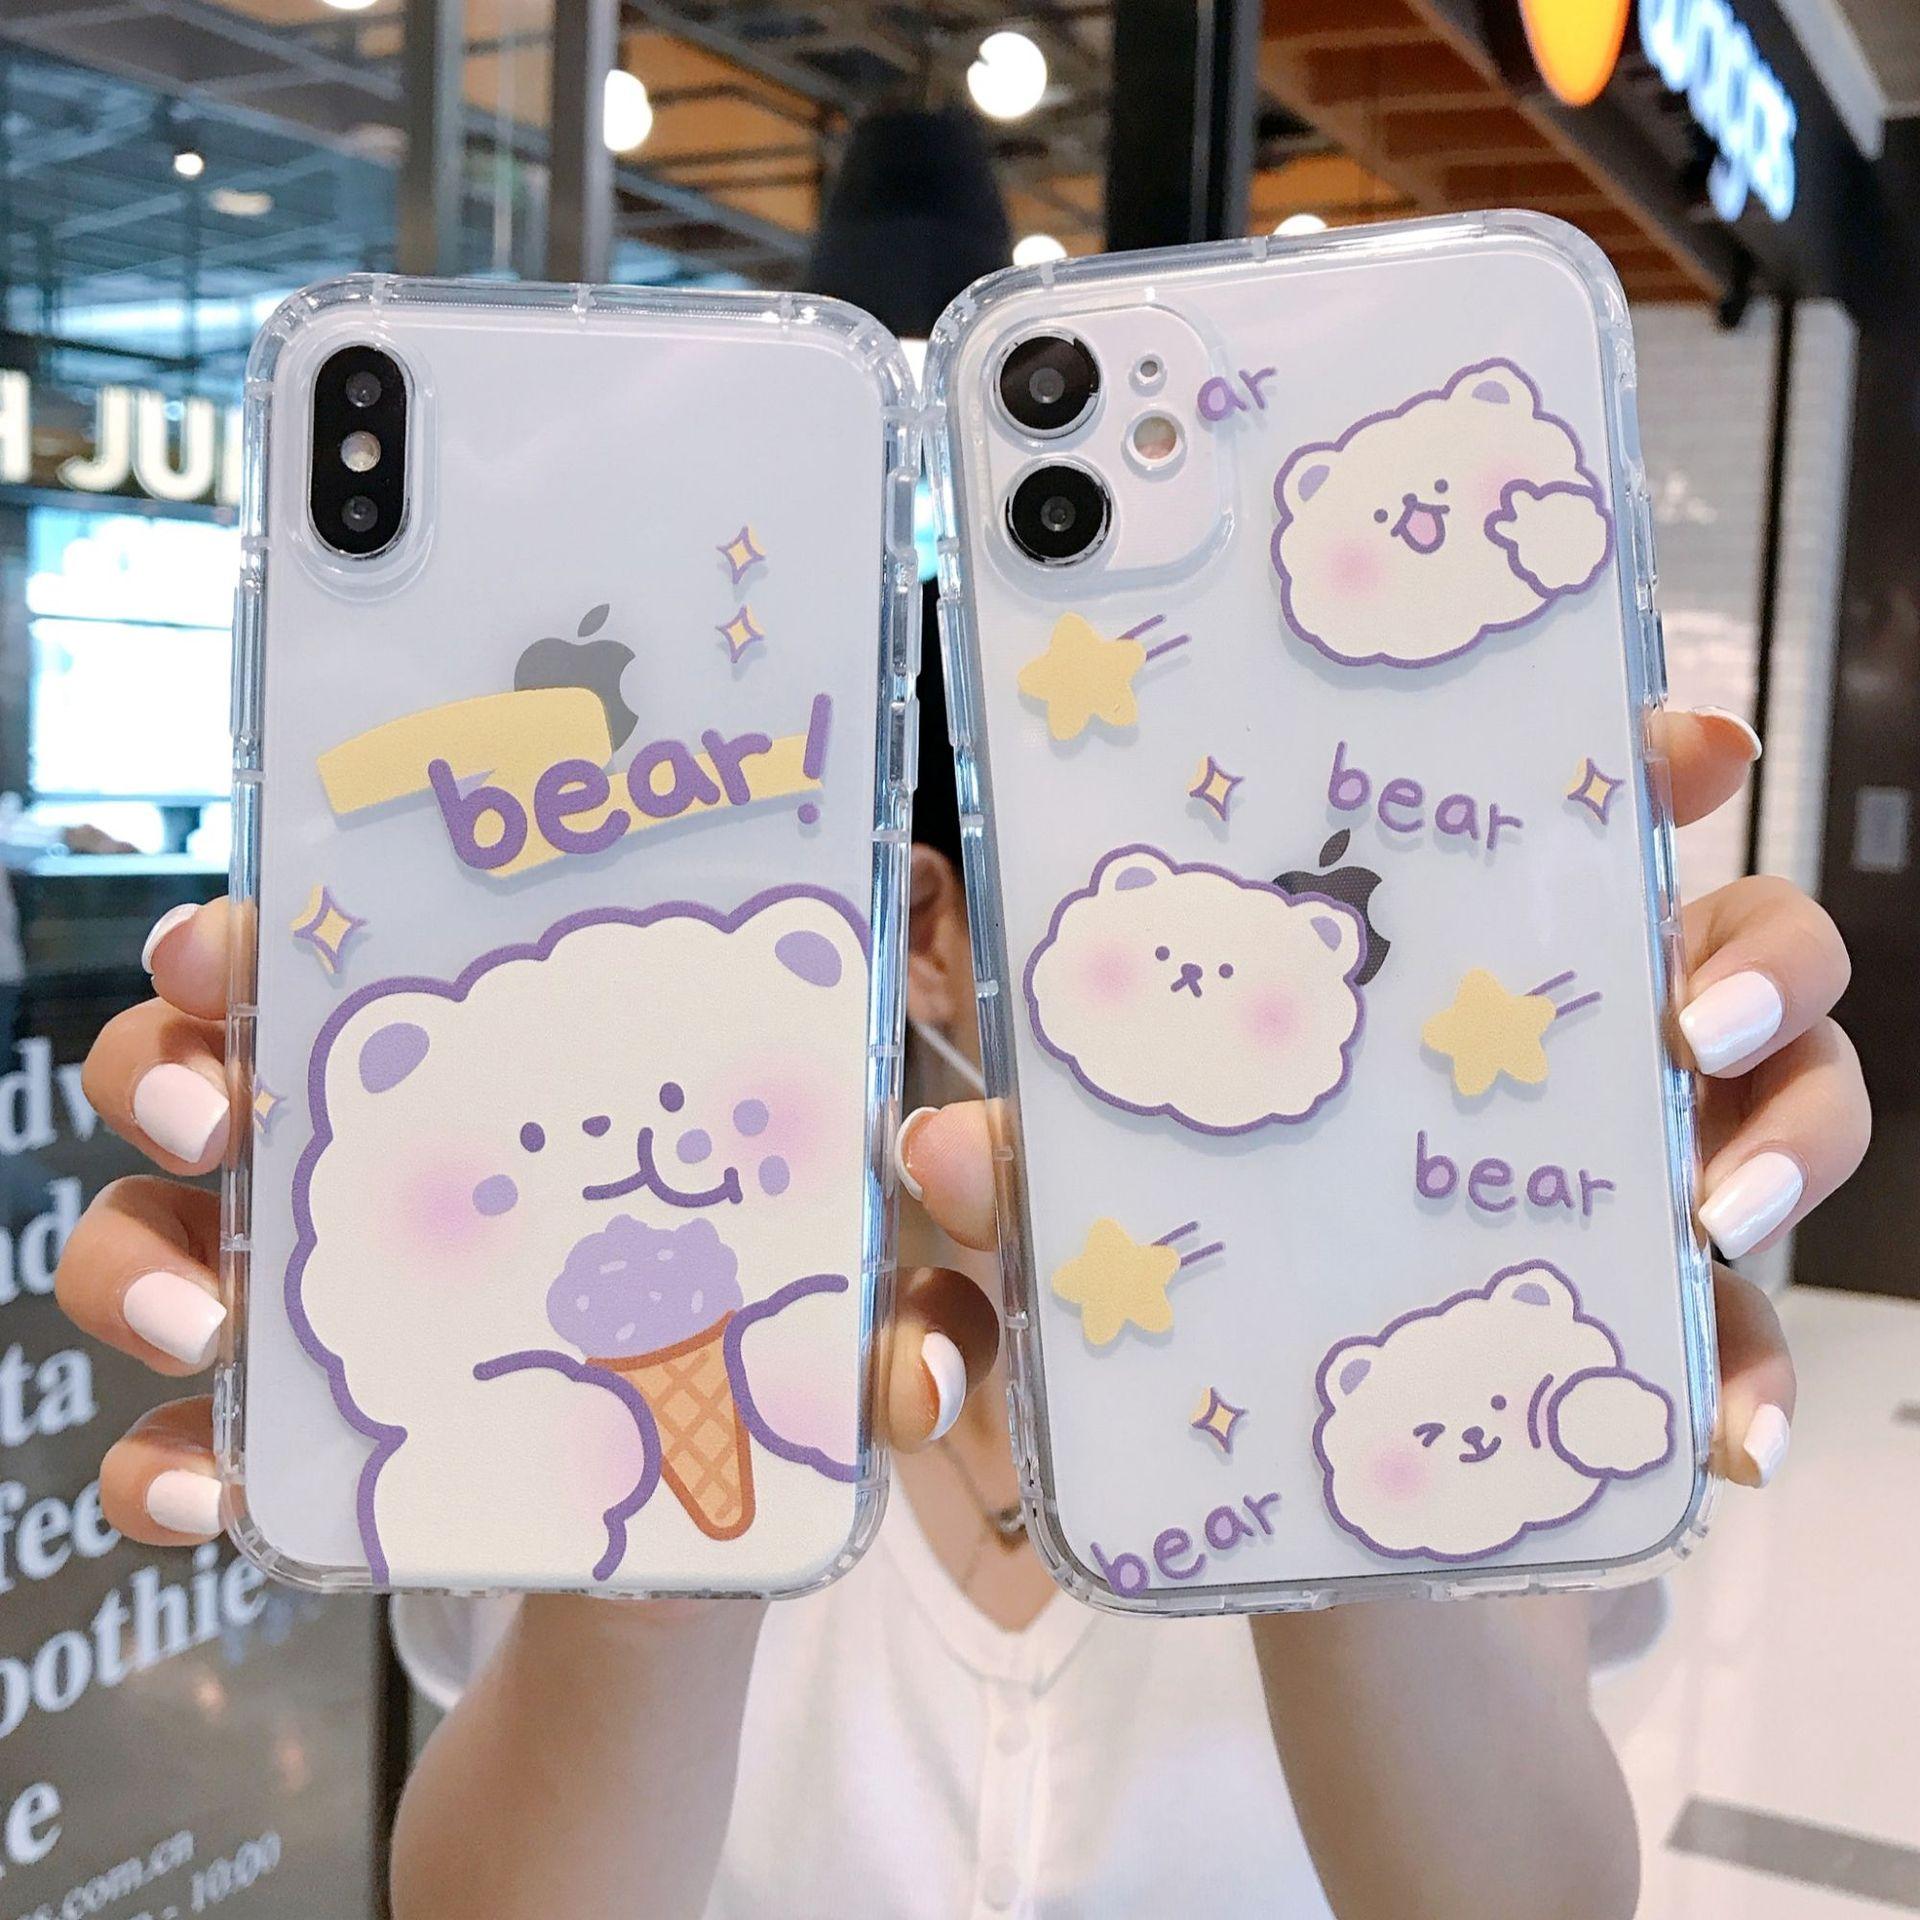 stylish phone case